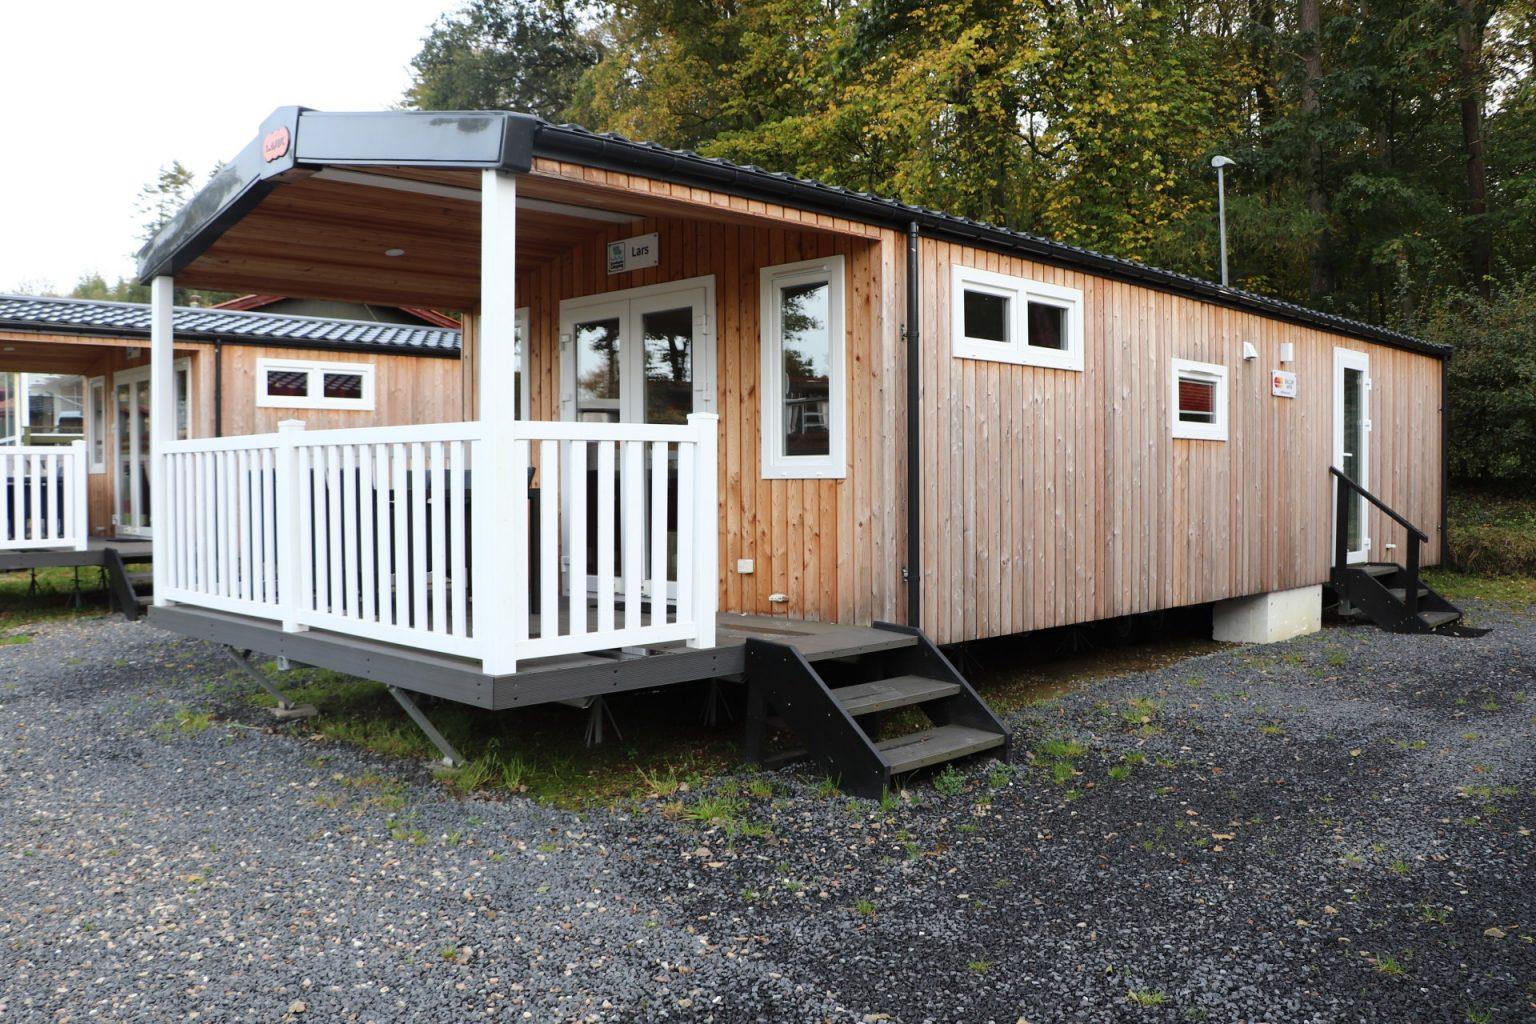 Randbøldal Camping Erfahrungen